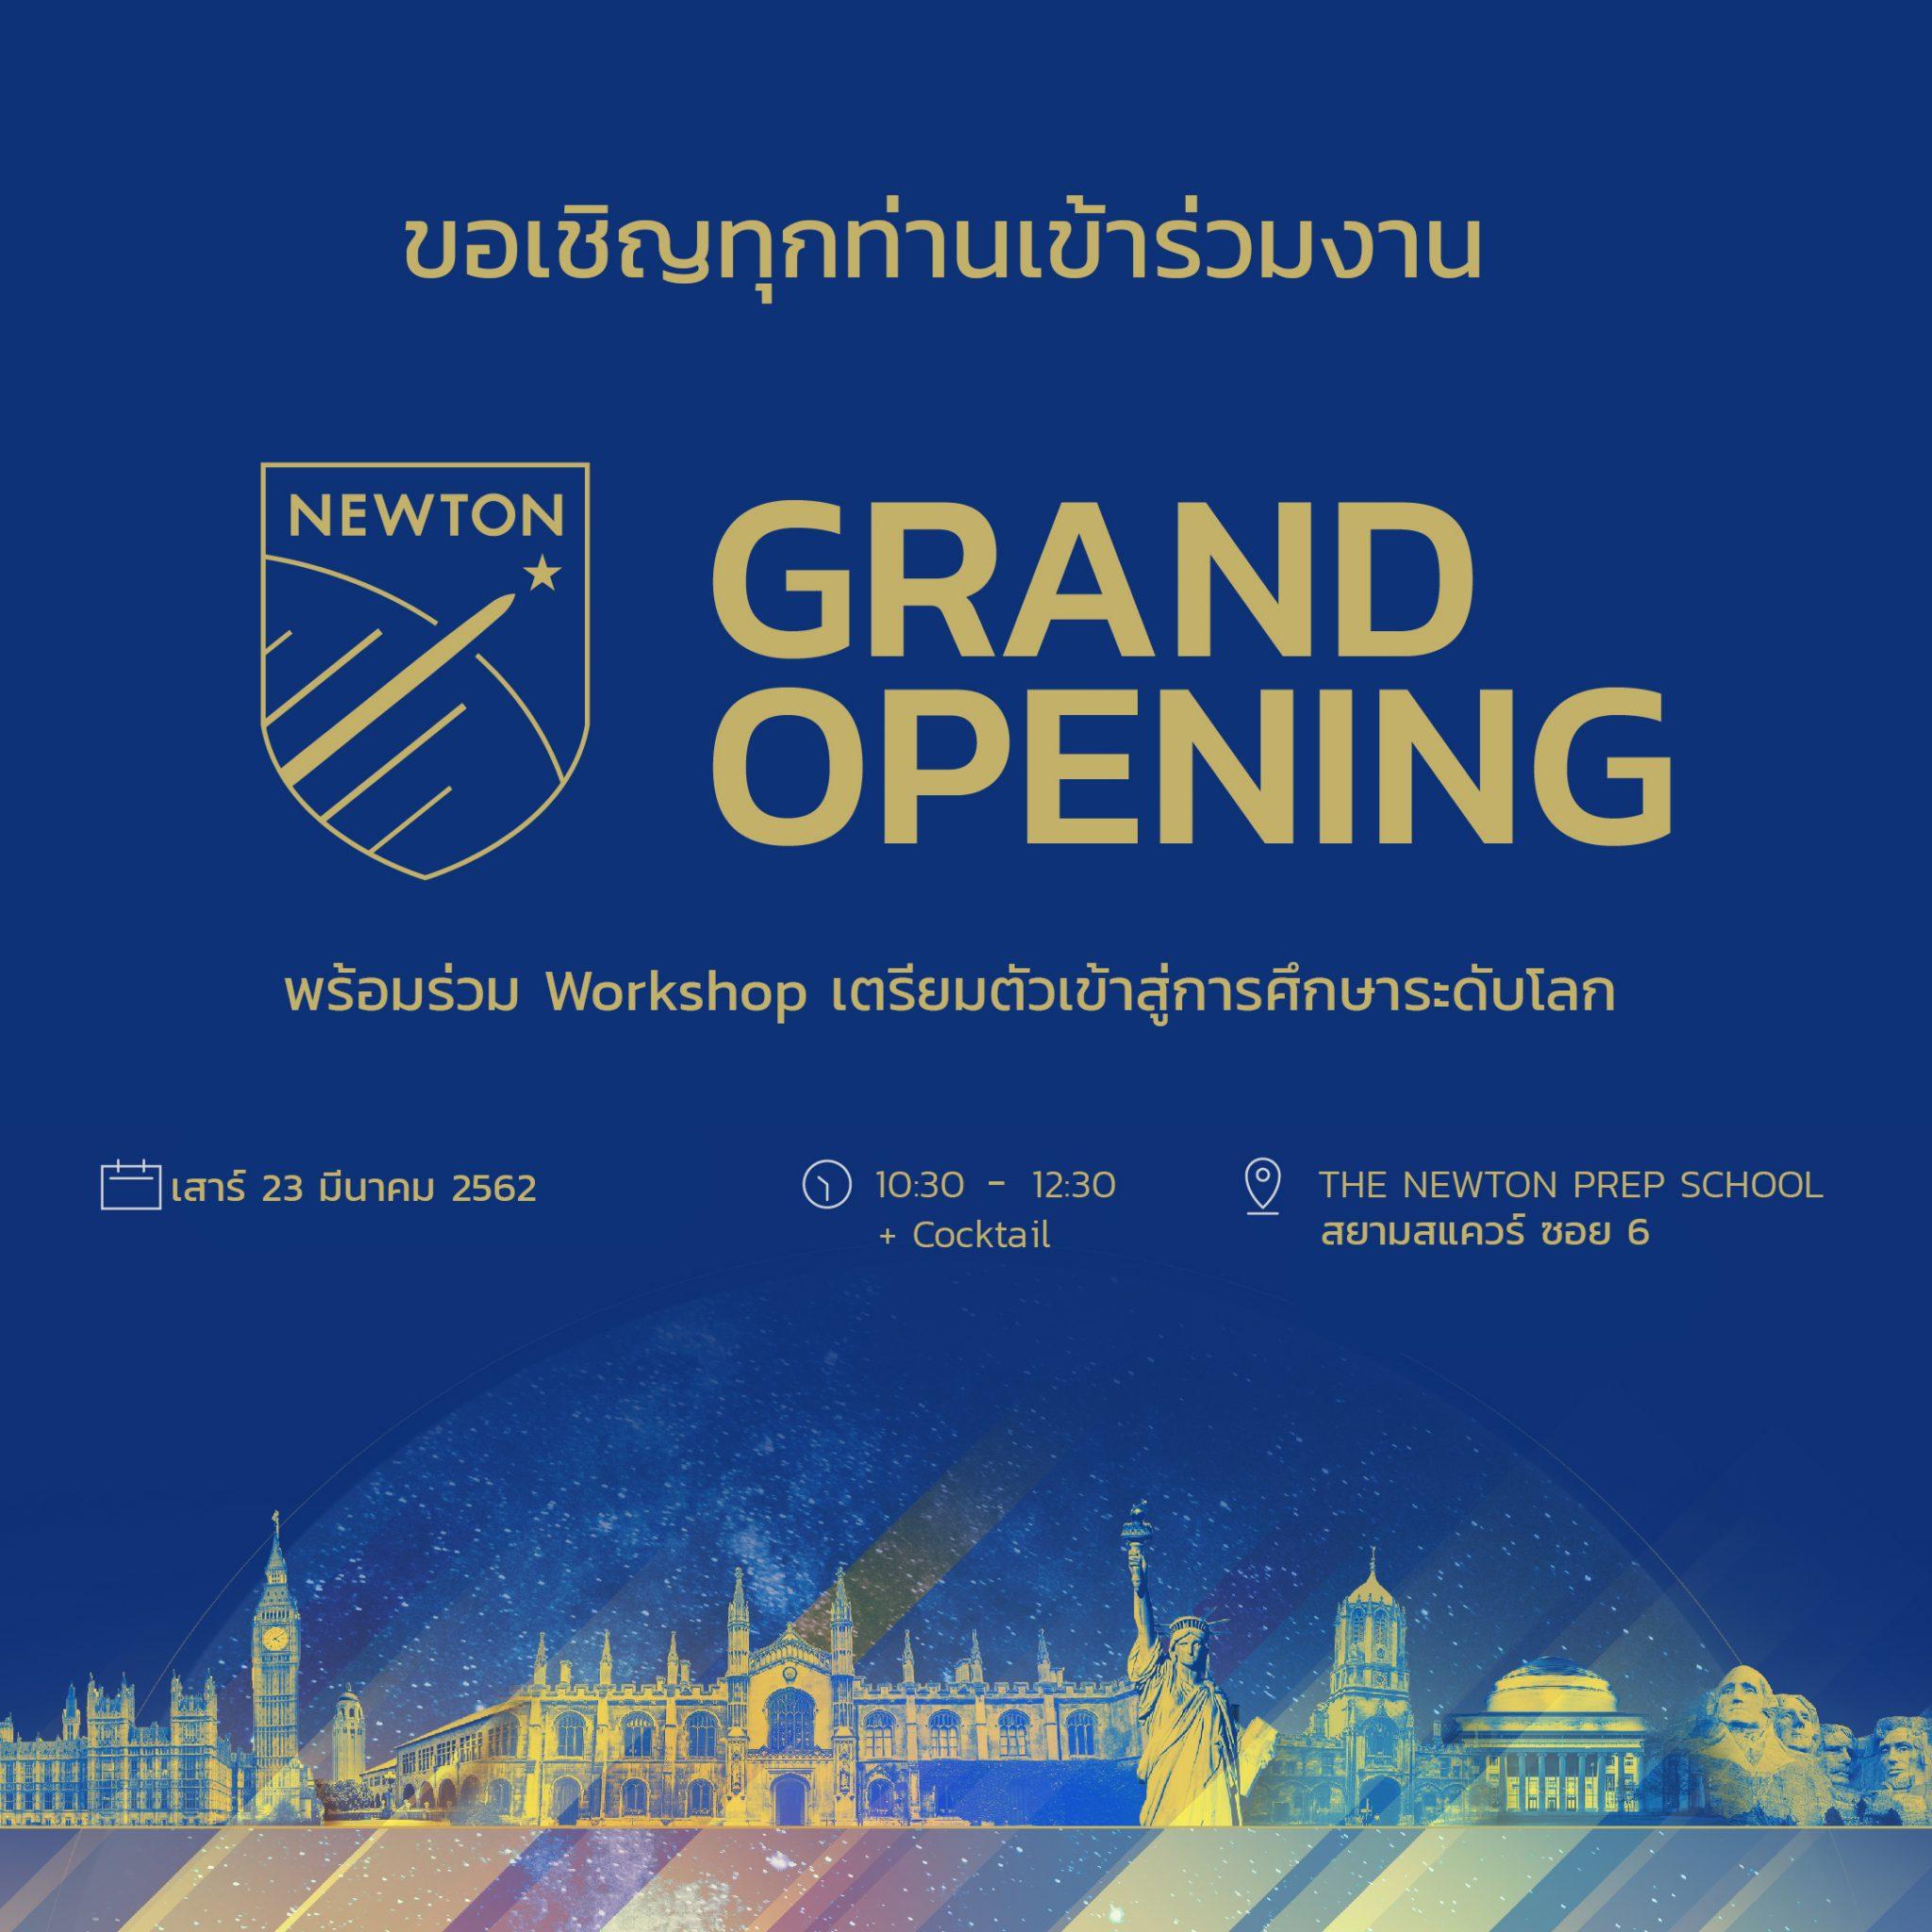 ขอเชิญทุกท่านร่วมงาน Grand Opening ของสถาบัน The Newton Prep สุด Exclusive พร้อมสำหรับอนาคตเพื่อก้าวสู่ความเป็นเลิศของการศึกษาระดับโลก 13 -